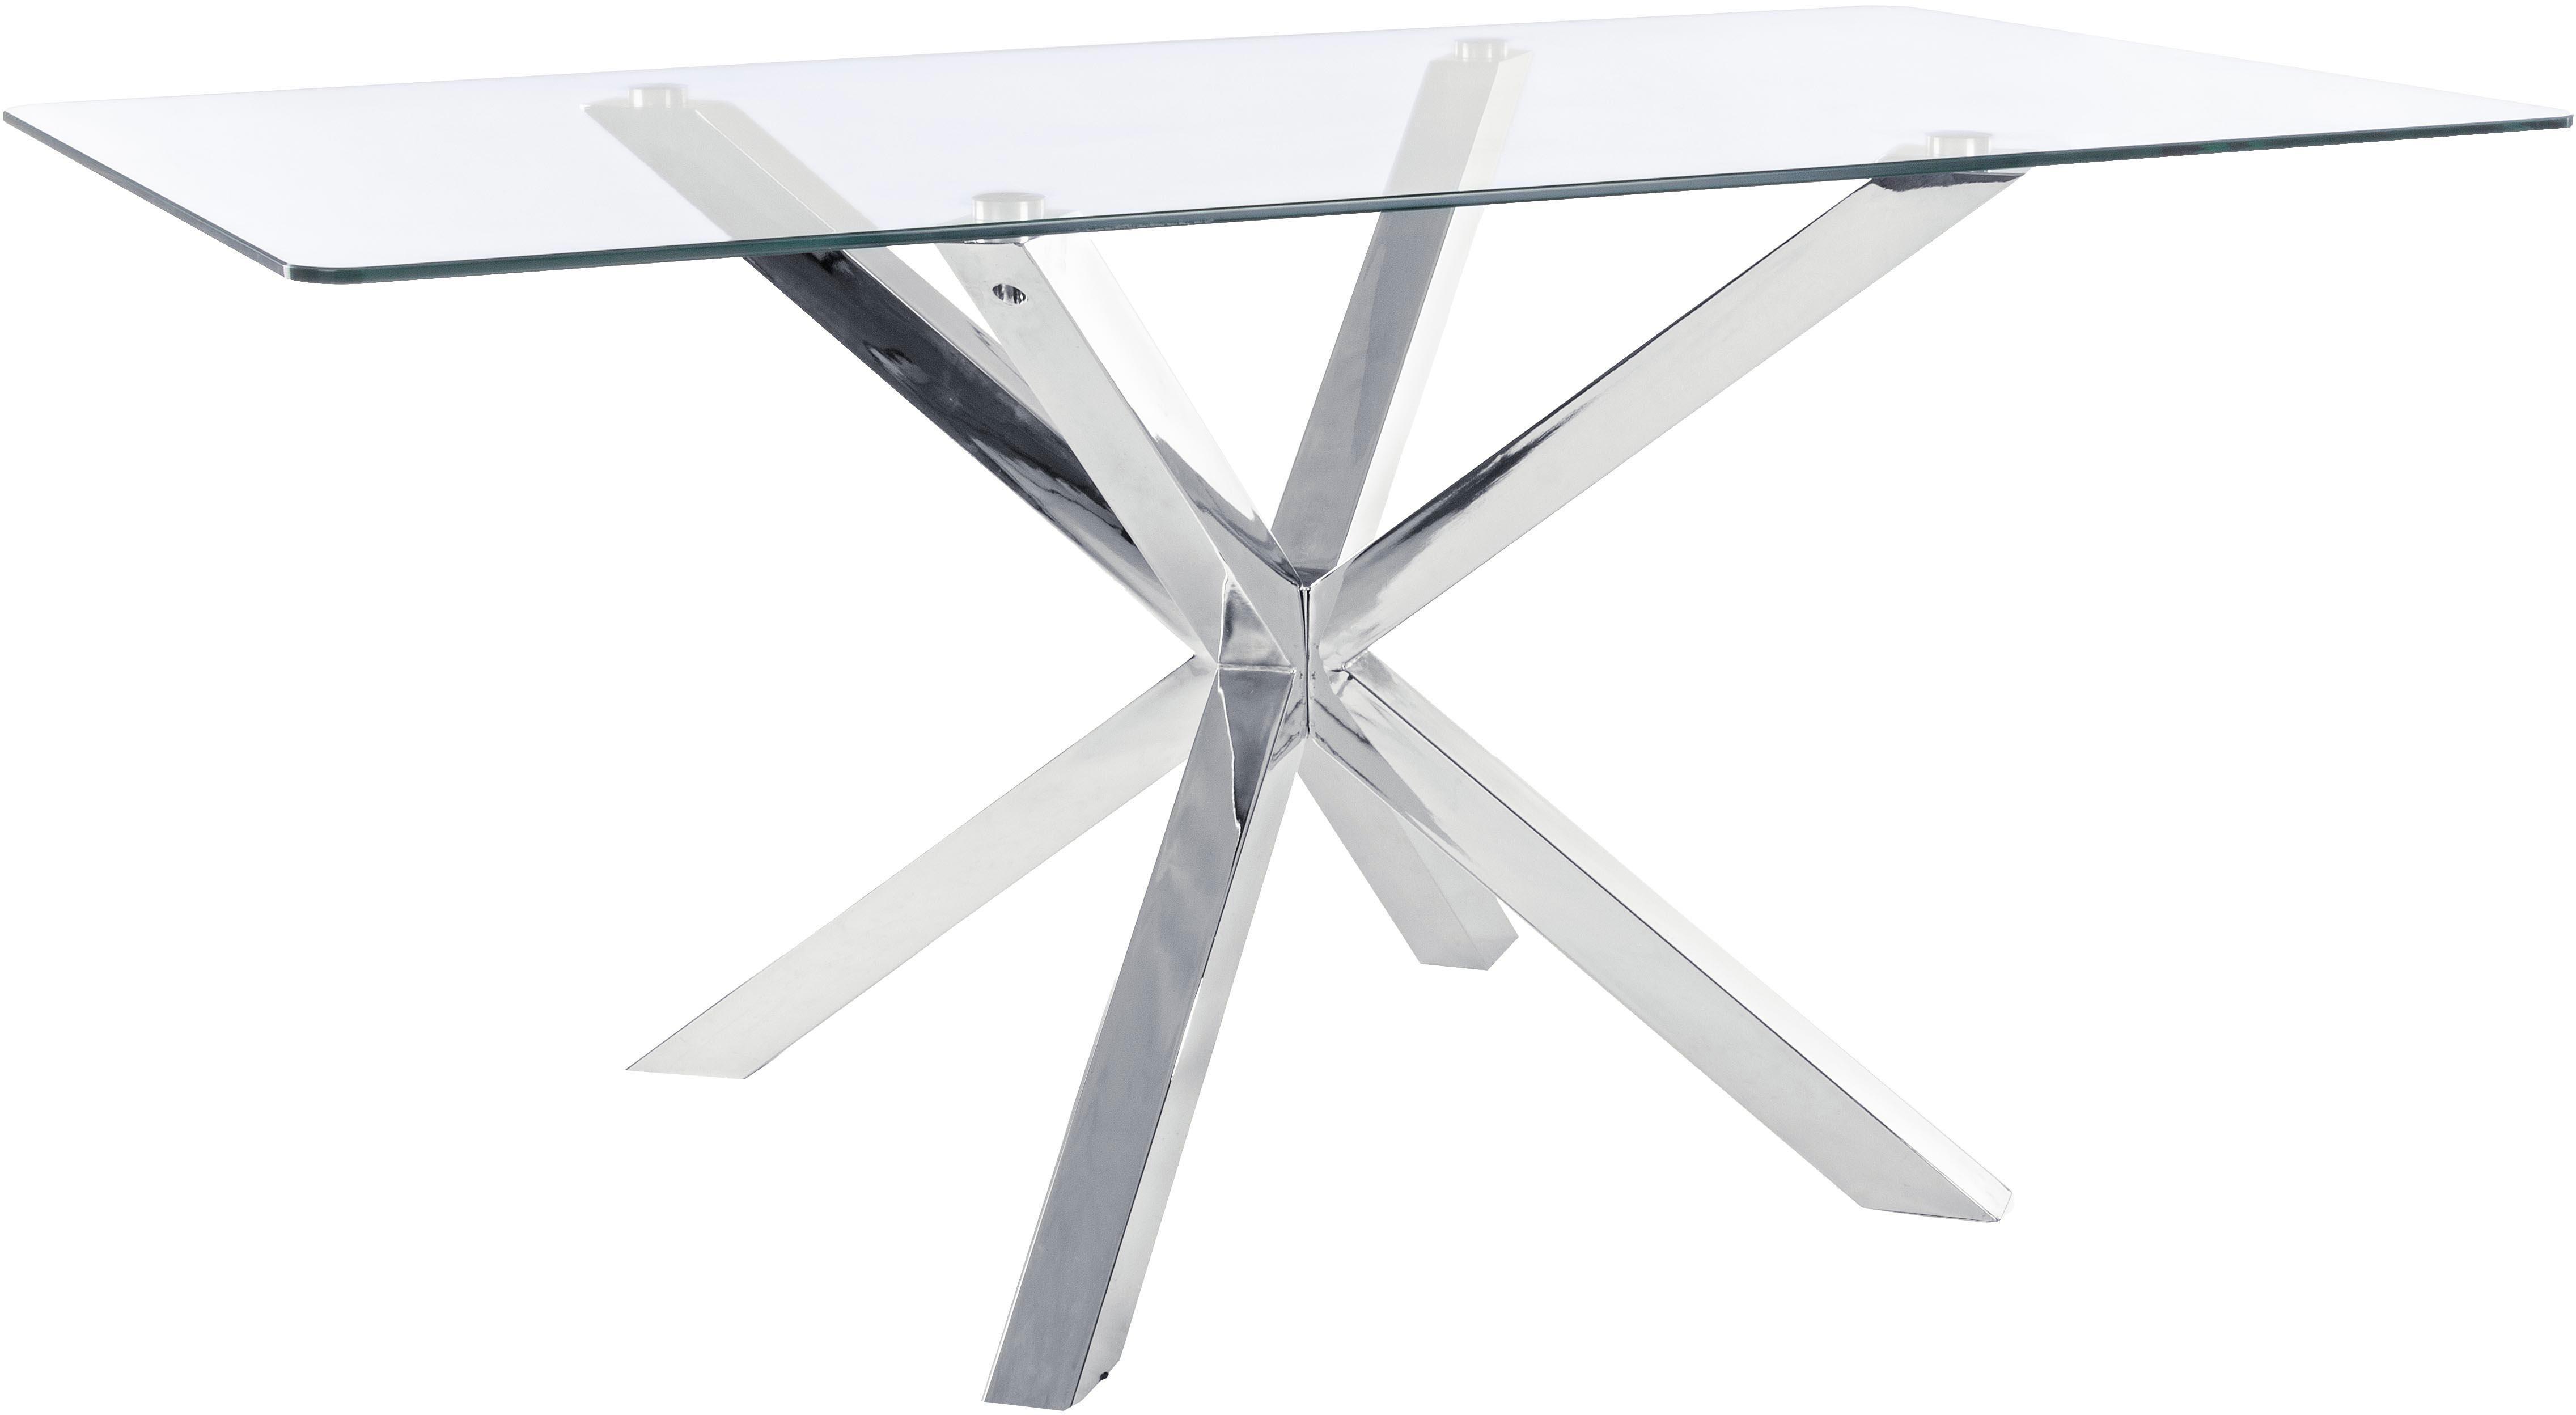 Mesa de comedor May, tablero de cristal, Tablero: vidrio, Patas: acero inoxidable, pulido, Transparente, acero inoxidable, An 160 x F 90 cm